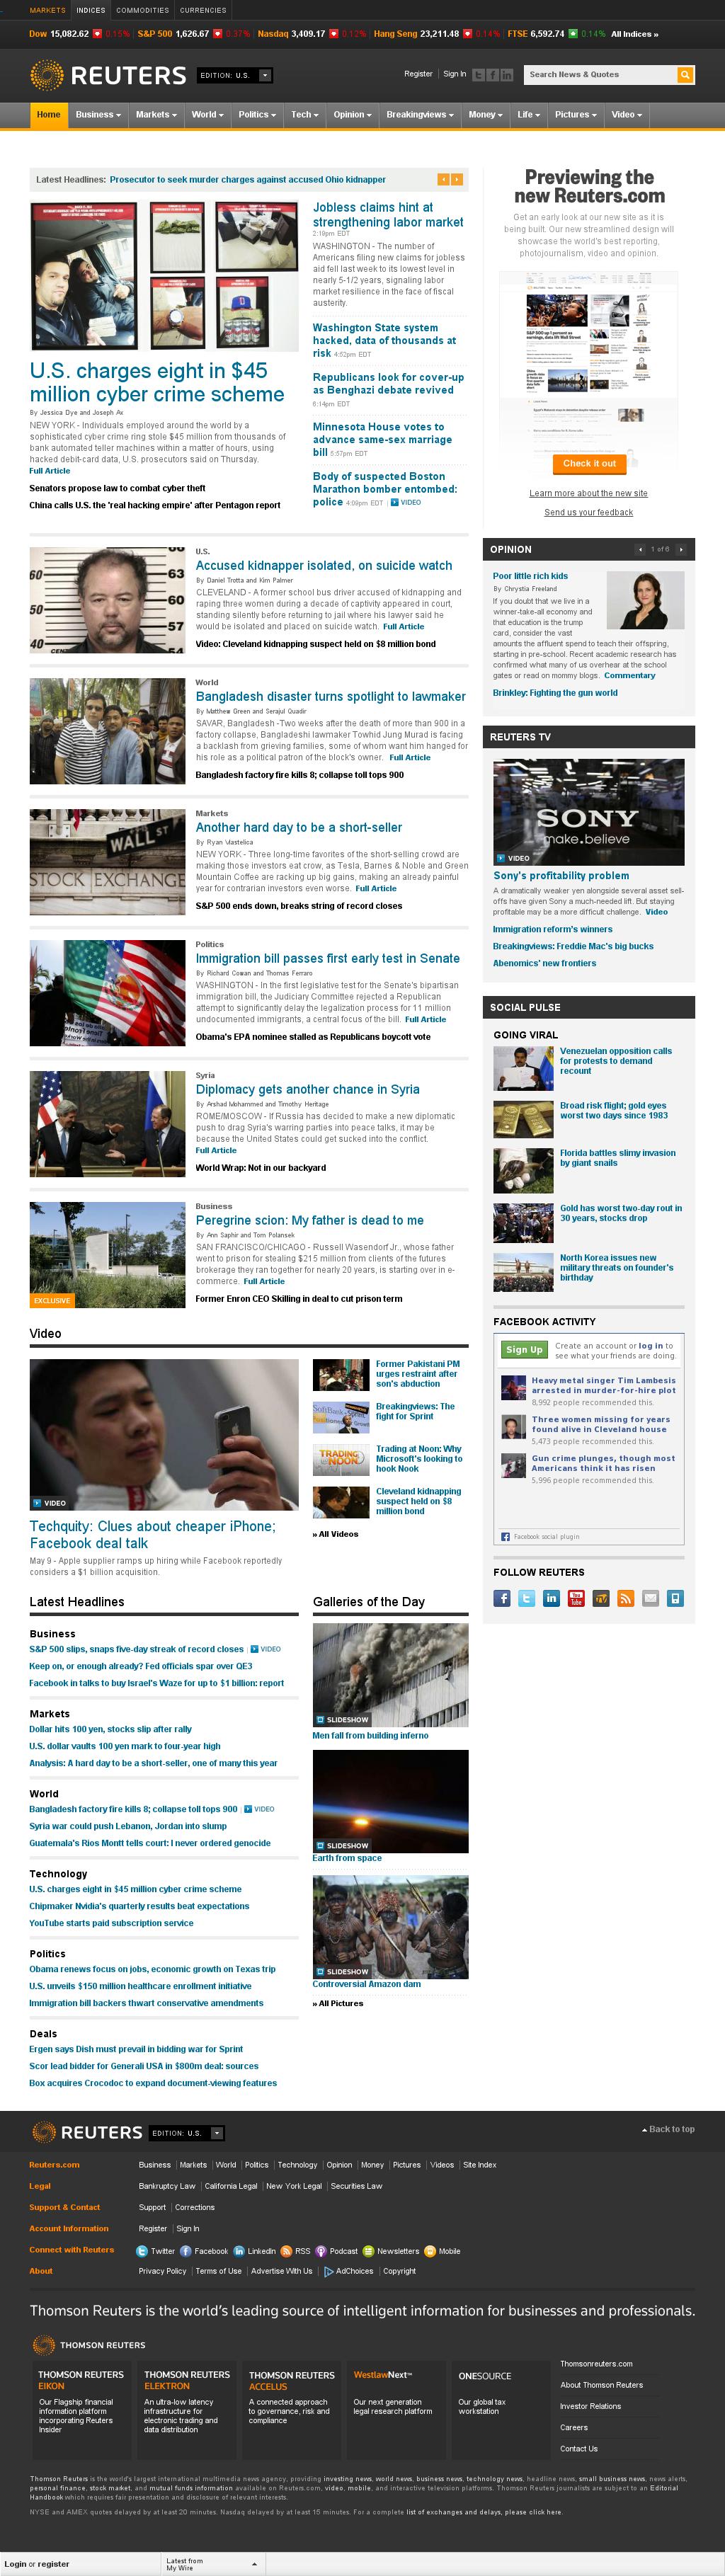 Reuters at Thursday May 9, 2013, 10:43 p.m. UTC